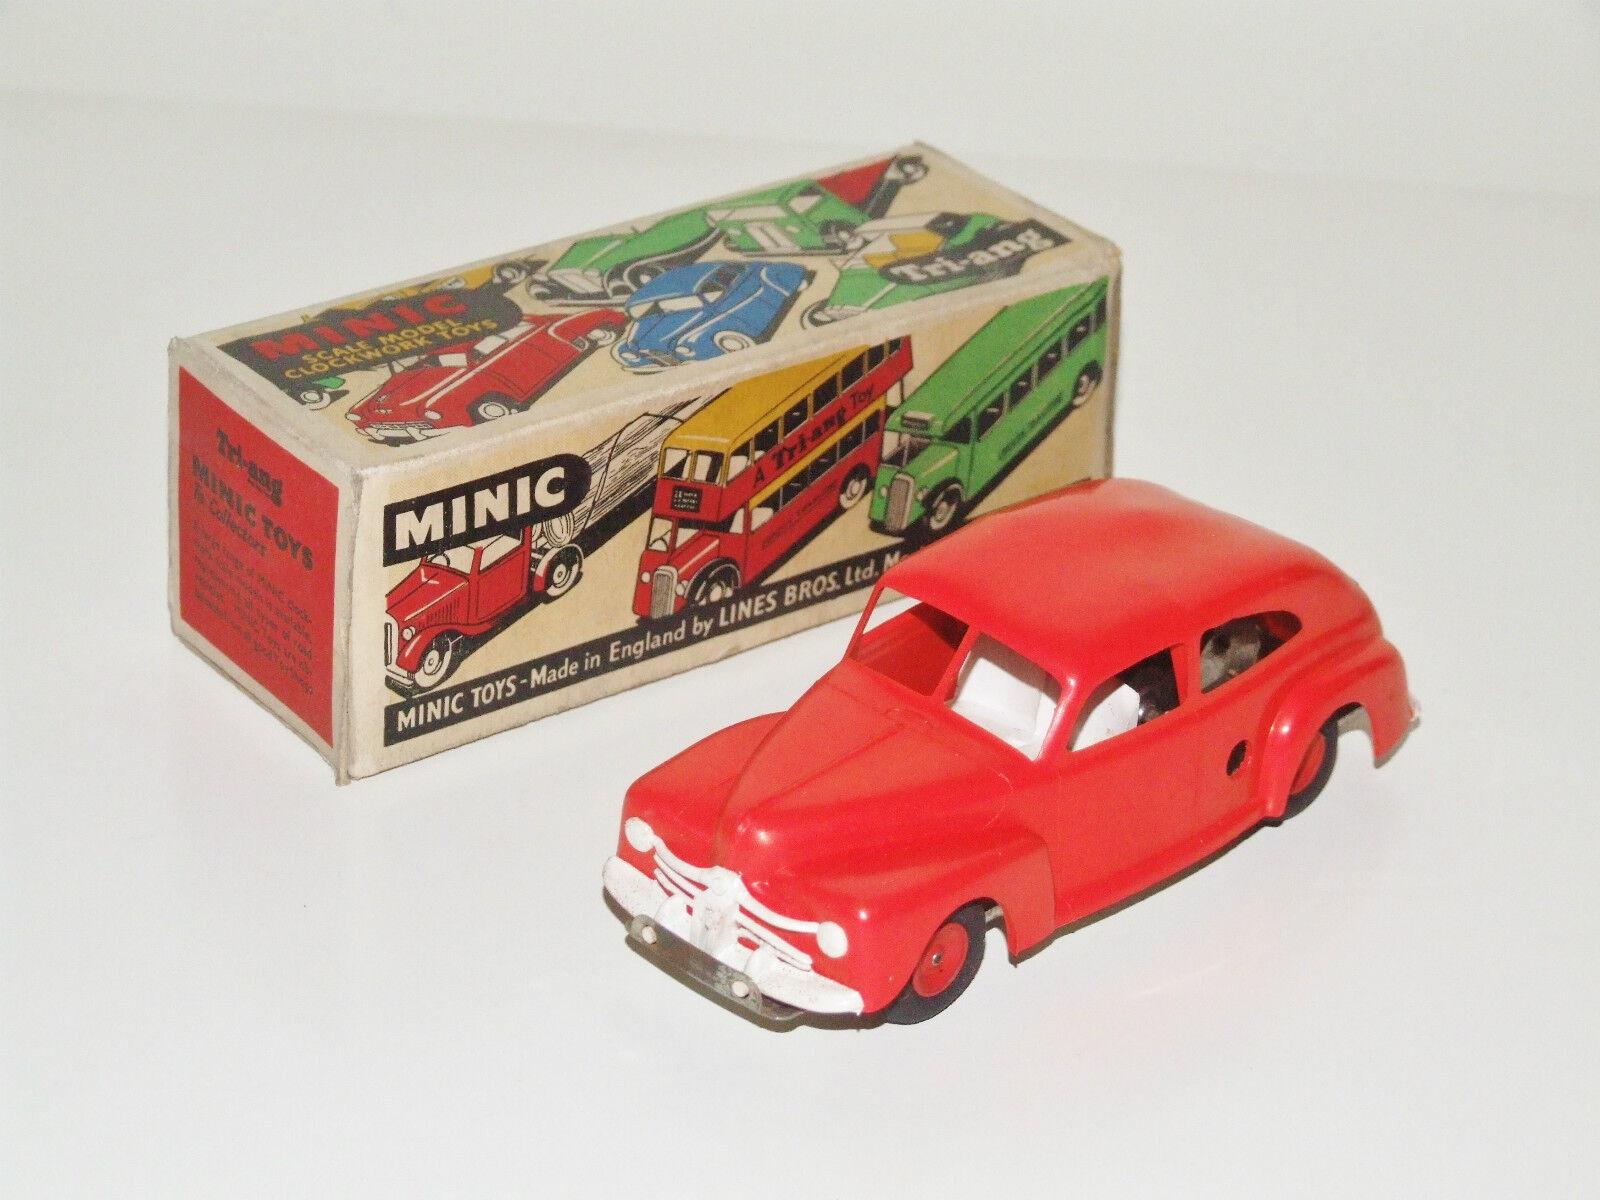 Triang Minic Ford Tudor mecanismo de relojería coche 3131 No.1